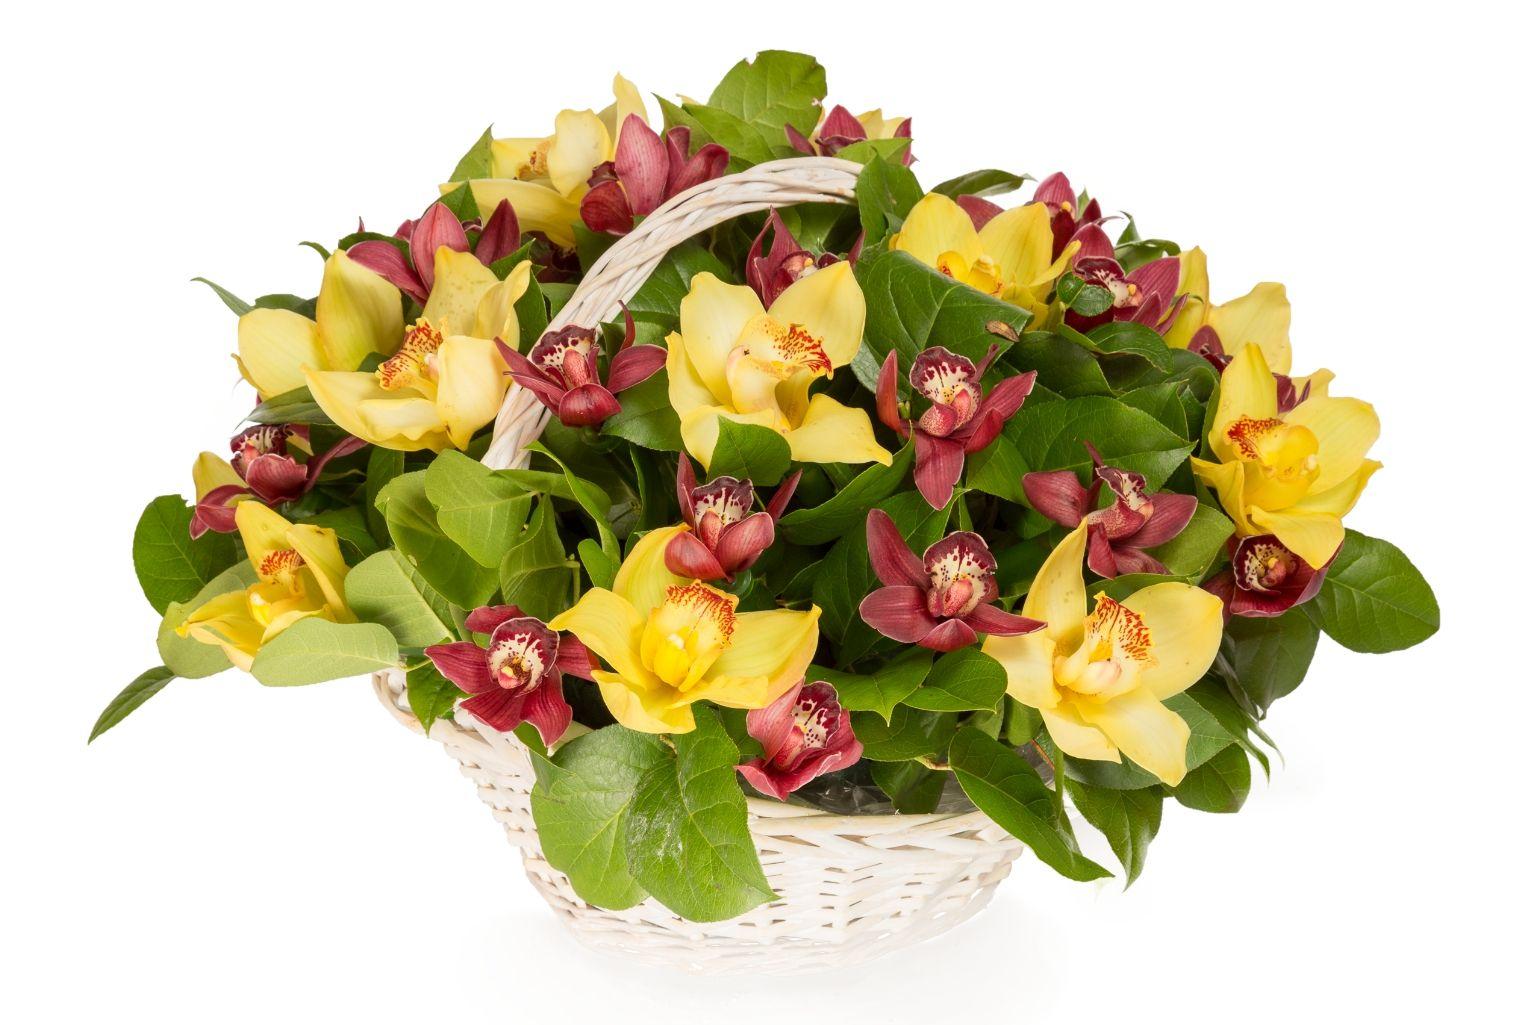 Букет с орхидеями Крошка Доррит в корзине фото